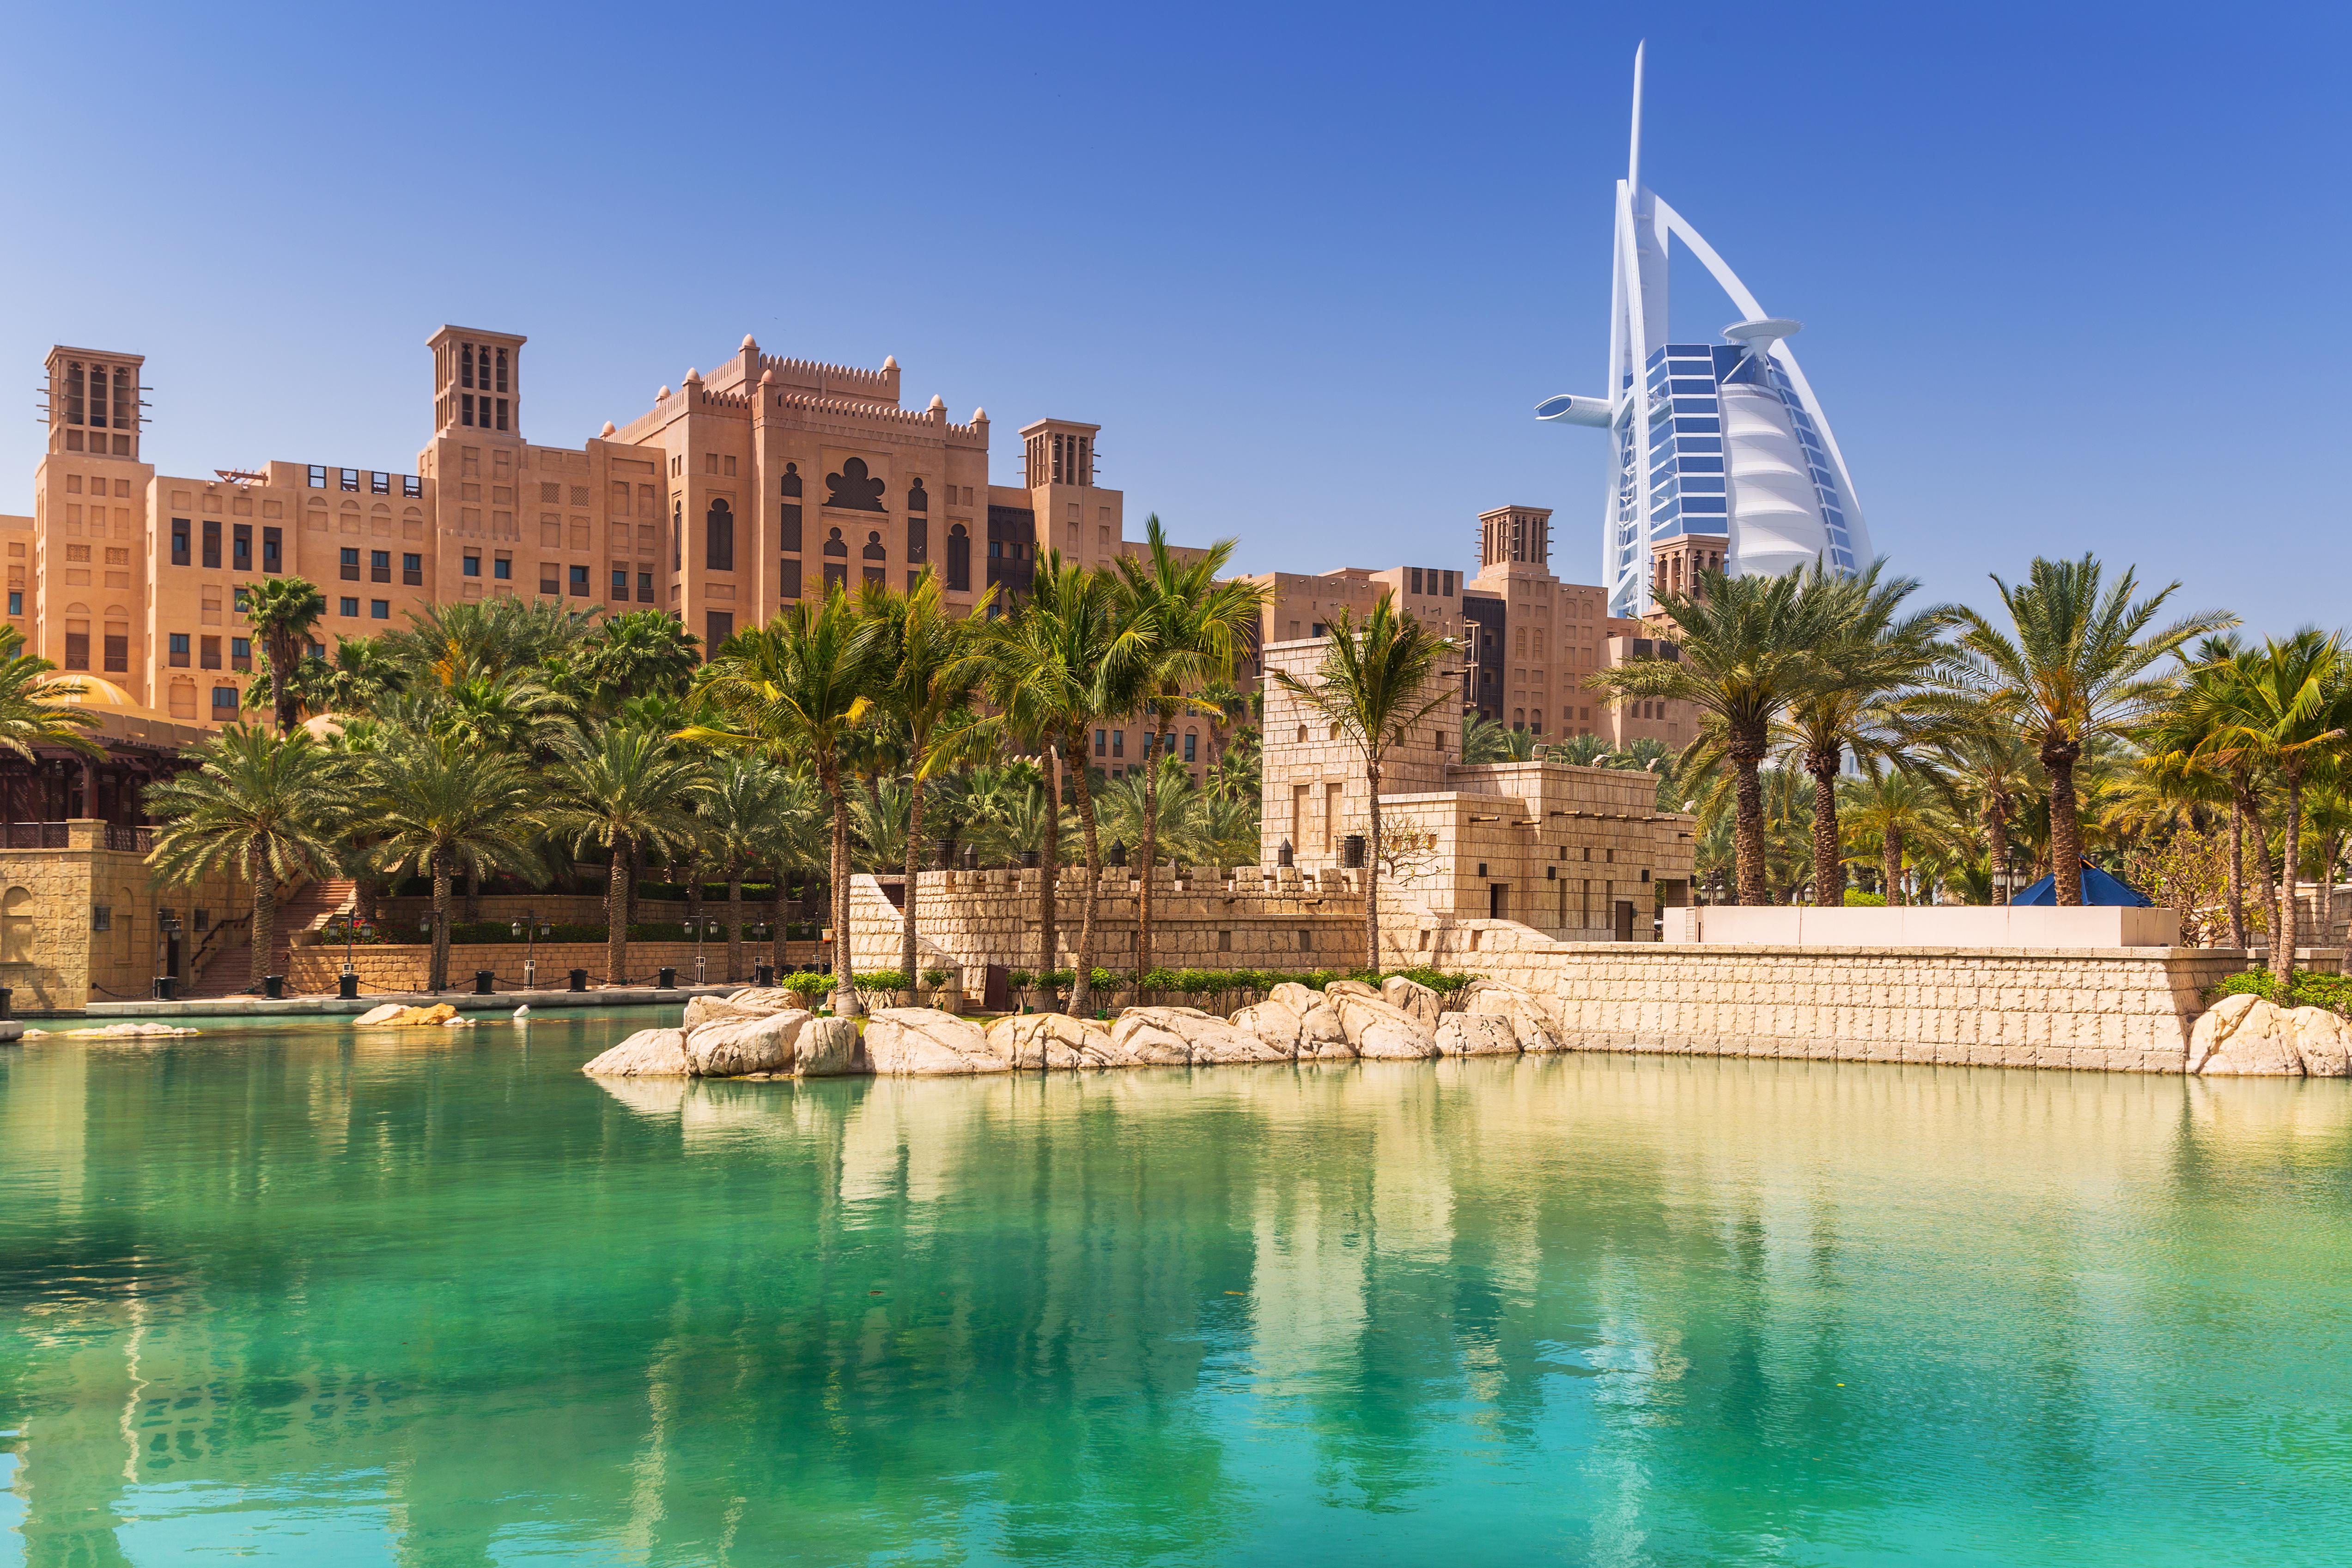 Amazing architecture of tropical resort in Dubai, UAE